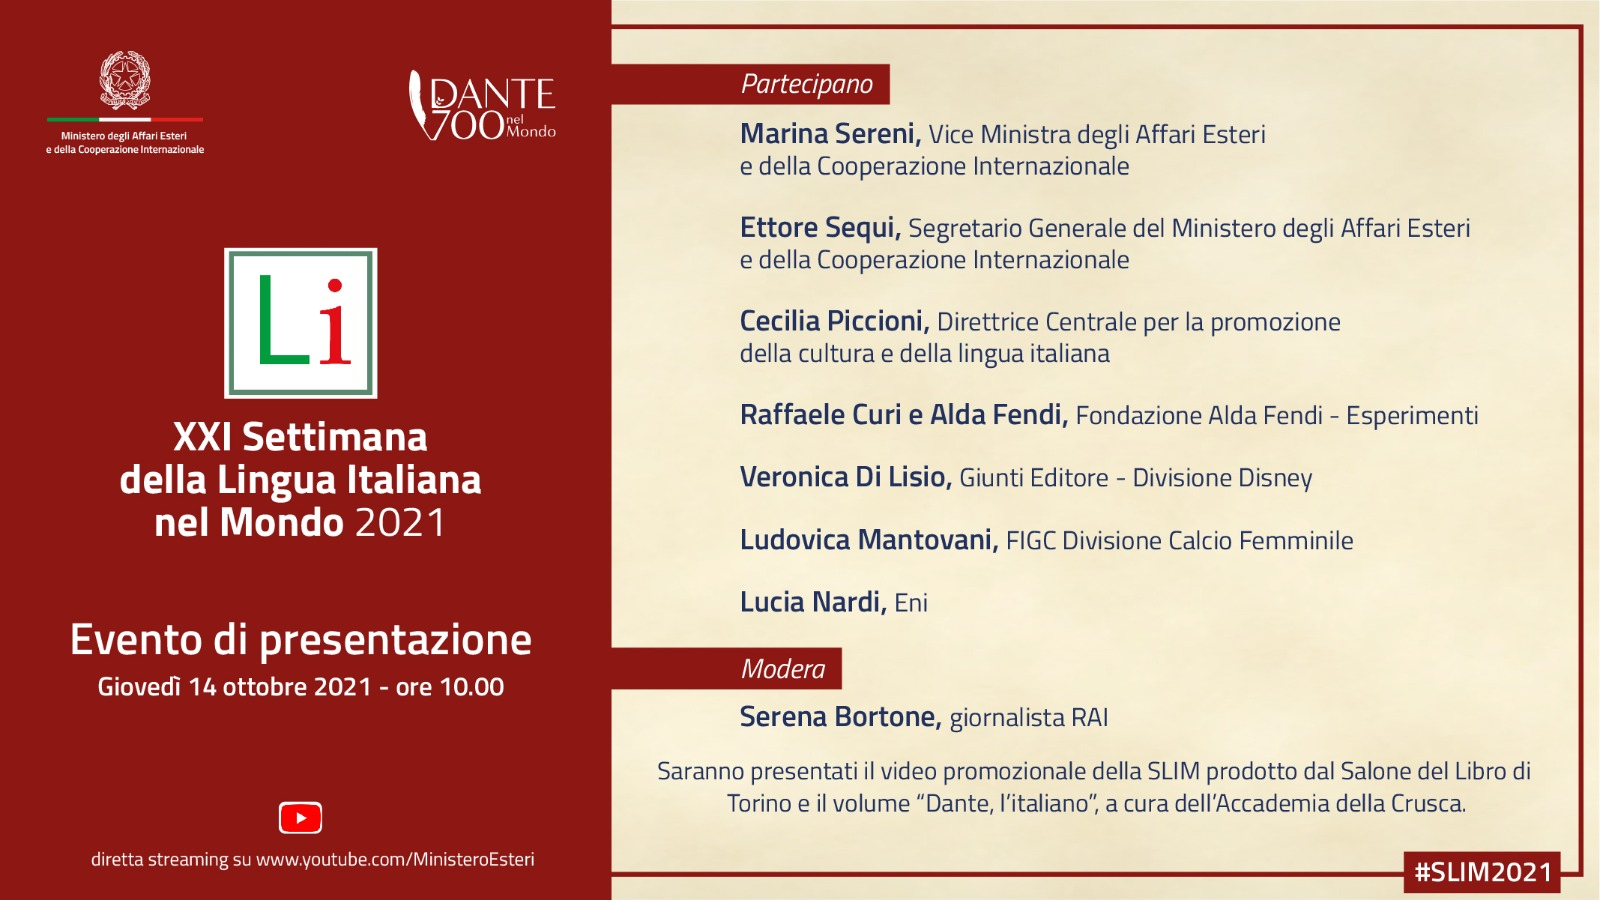 Presentazione  della XXI Settimana della Lingua Italiana nel Mondo 2021